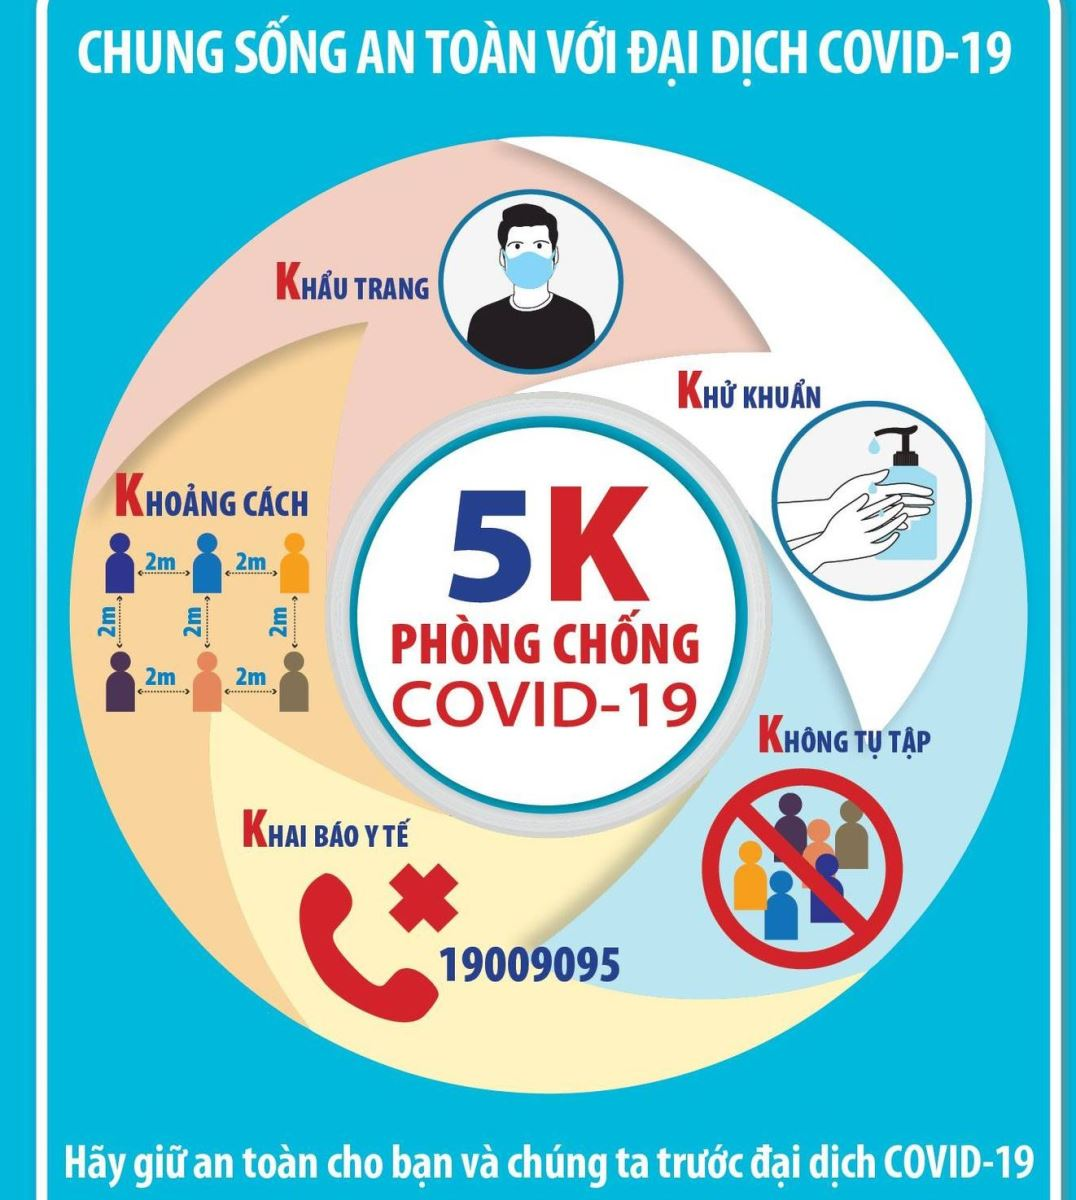 Dịch Covid-19, Covid-19 mới nhất, Ca nhiễm covid mới, Covid mới nhất ngày 4 7, covid hôm nay, covid ở TP HCM, số ca nhiễm, số ca dương tính, ca tử vong vì covid